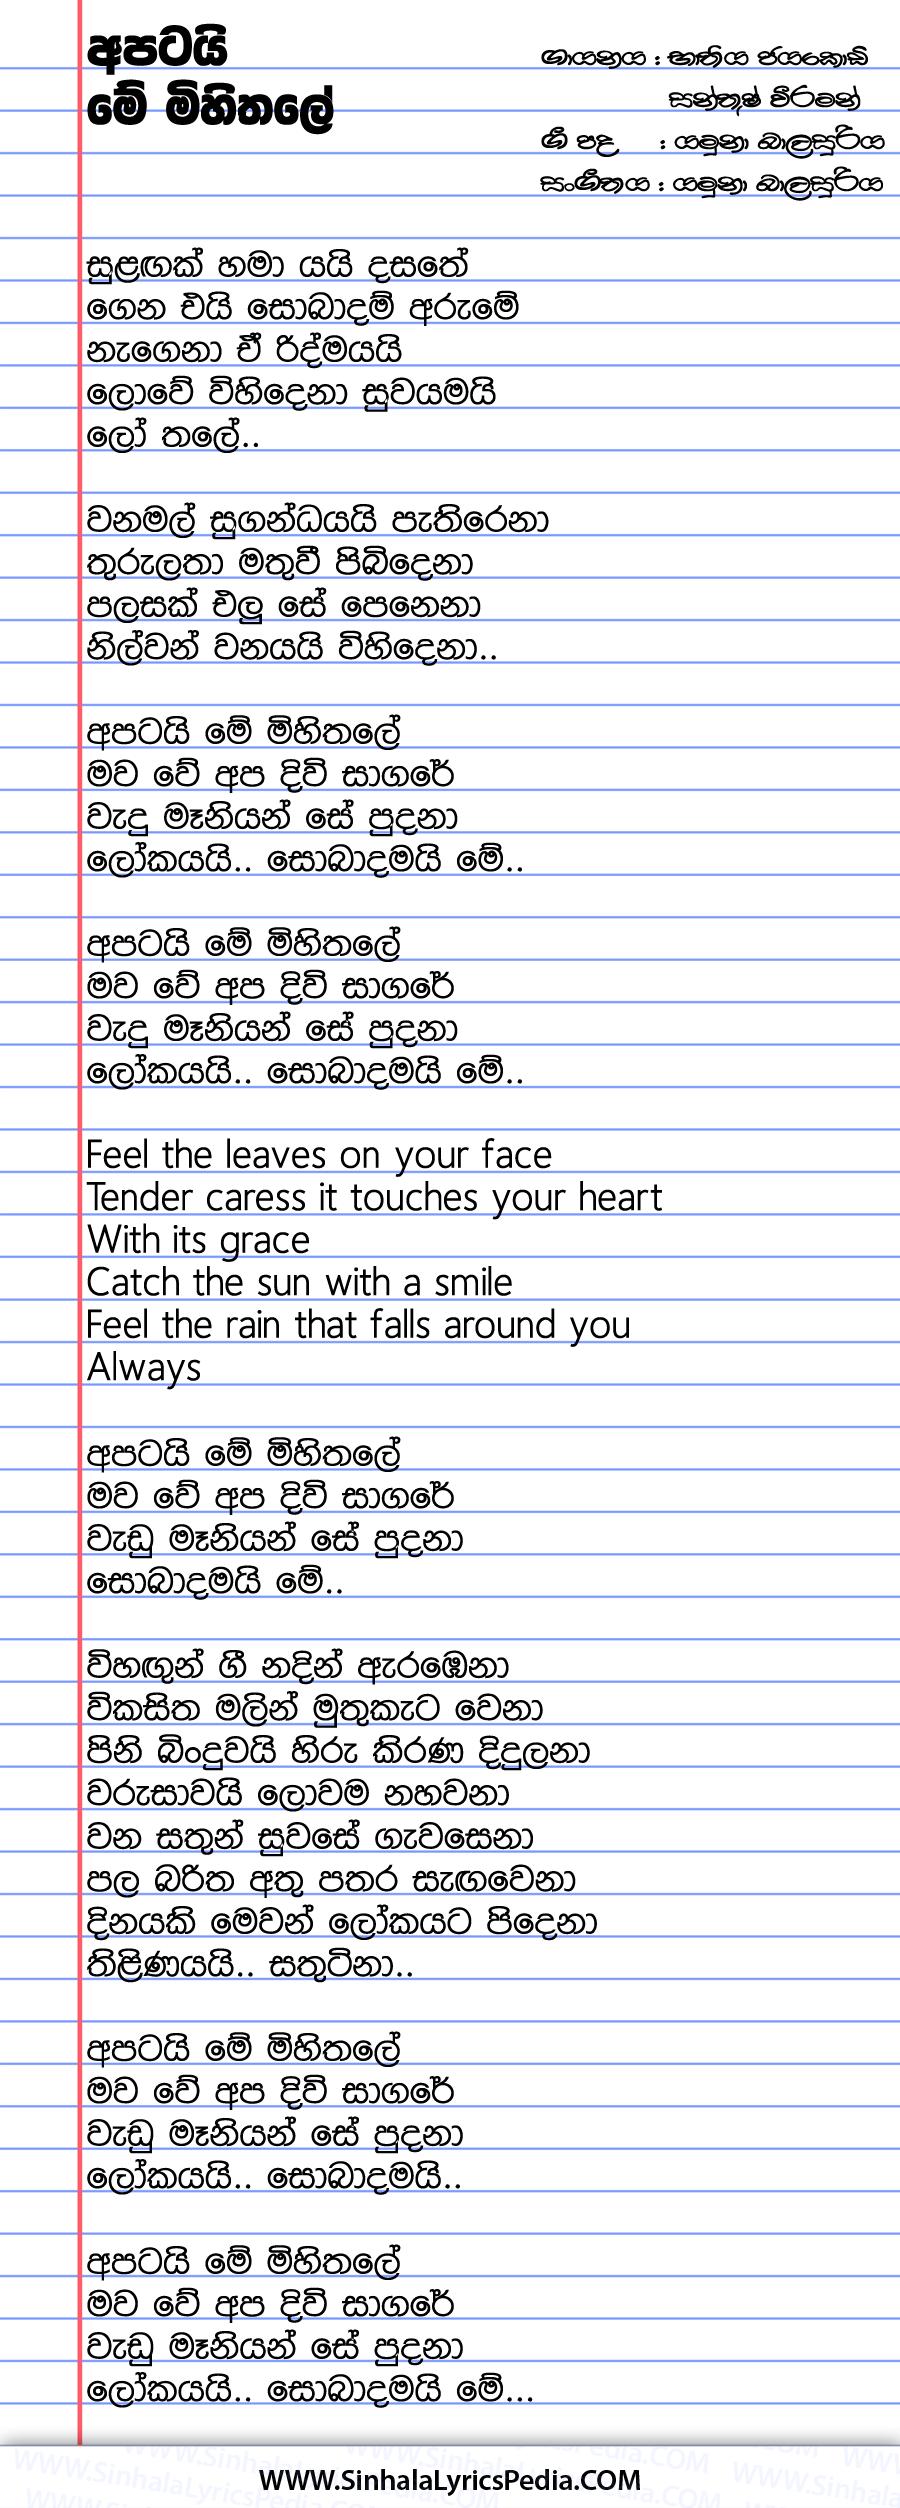 Apatai Me Mihithale (Sulagak Hama Yai Dasathe) Song Lyrics